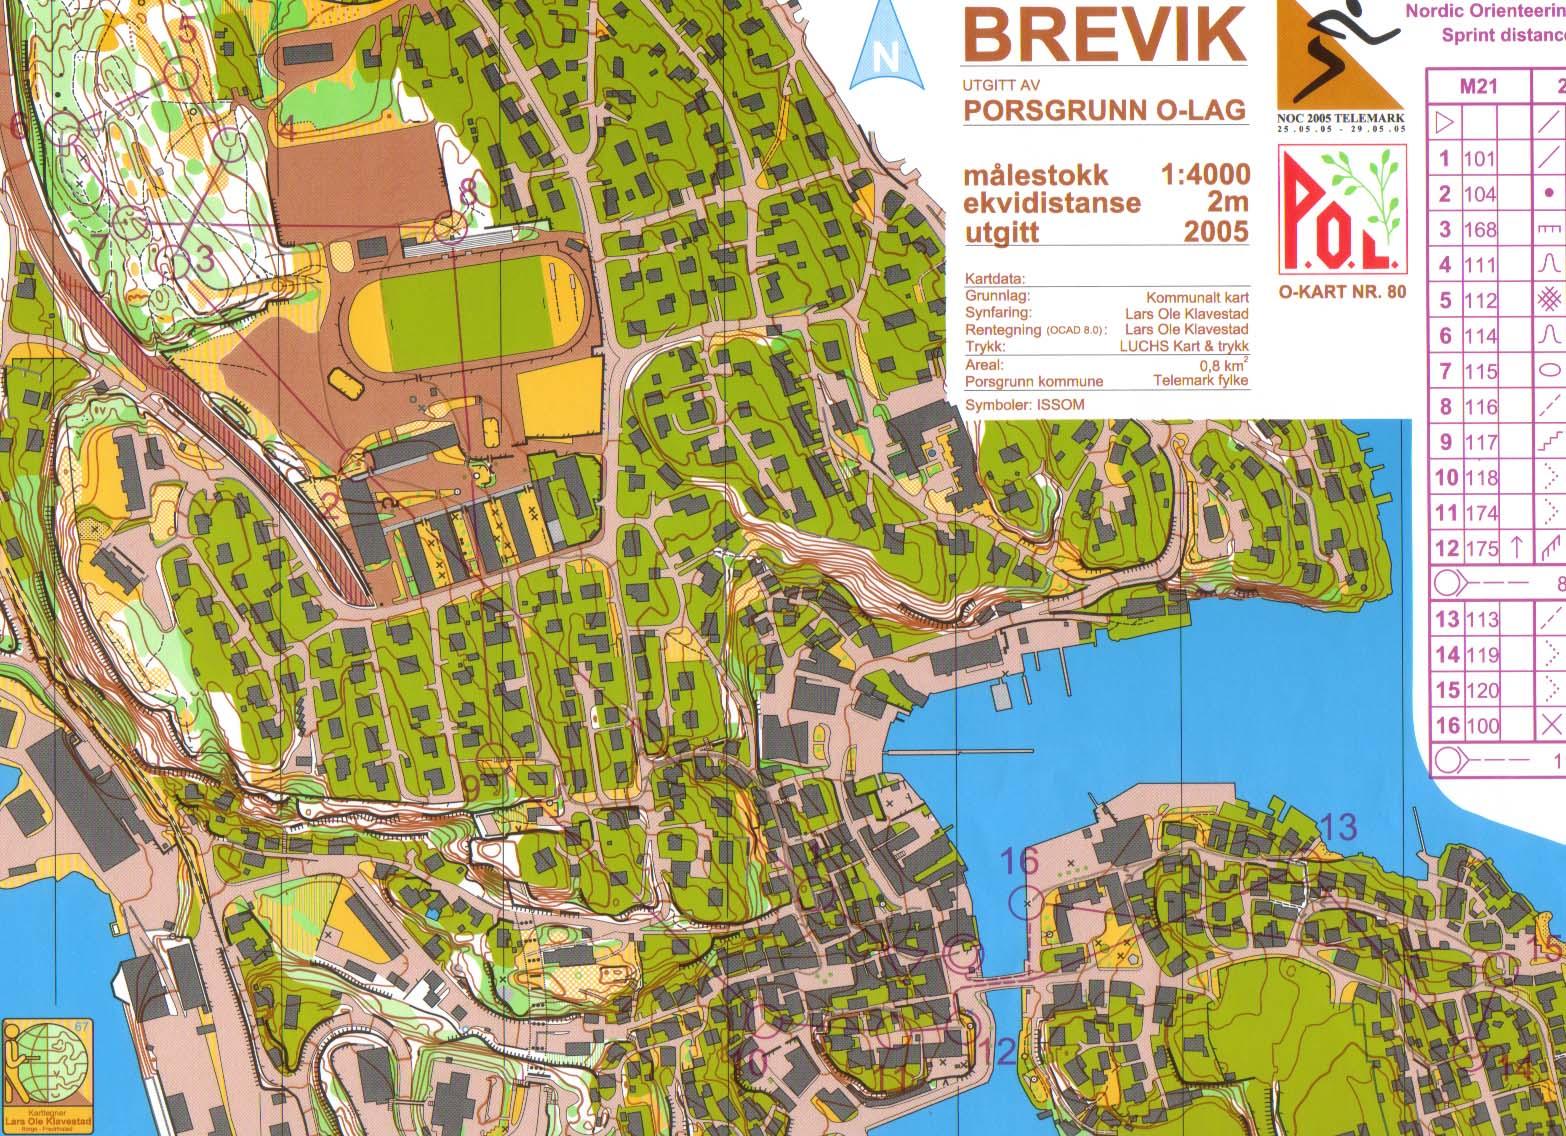 kart over brevik 2005.05.27 NOM Sprint Brevik kart over brevik